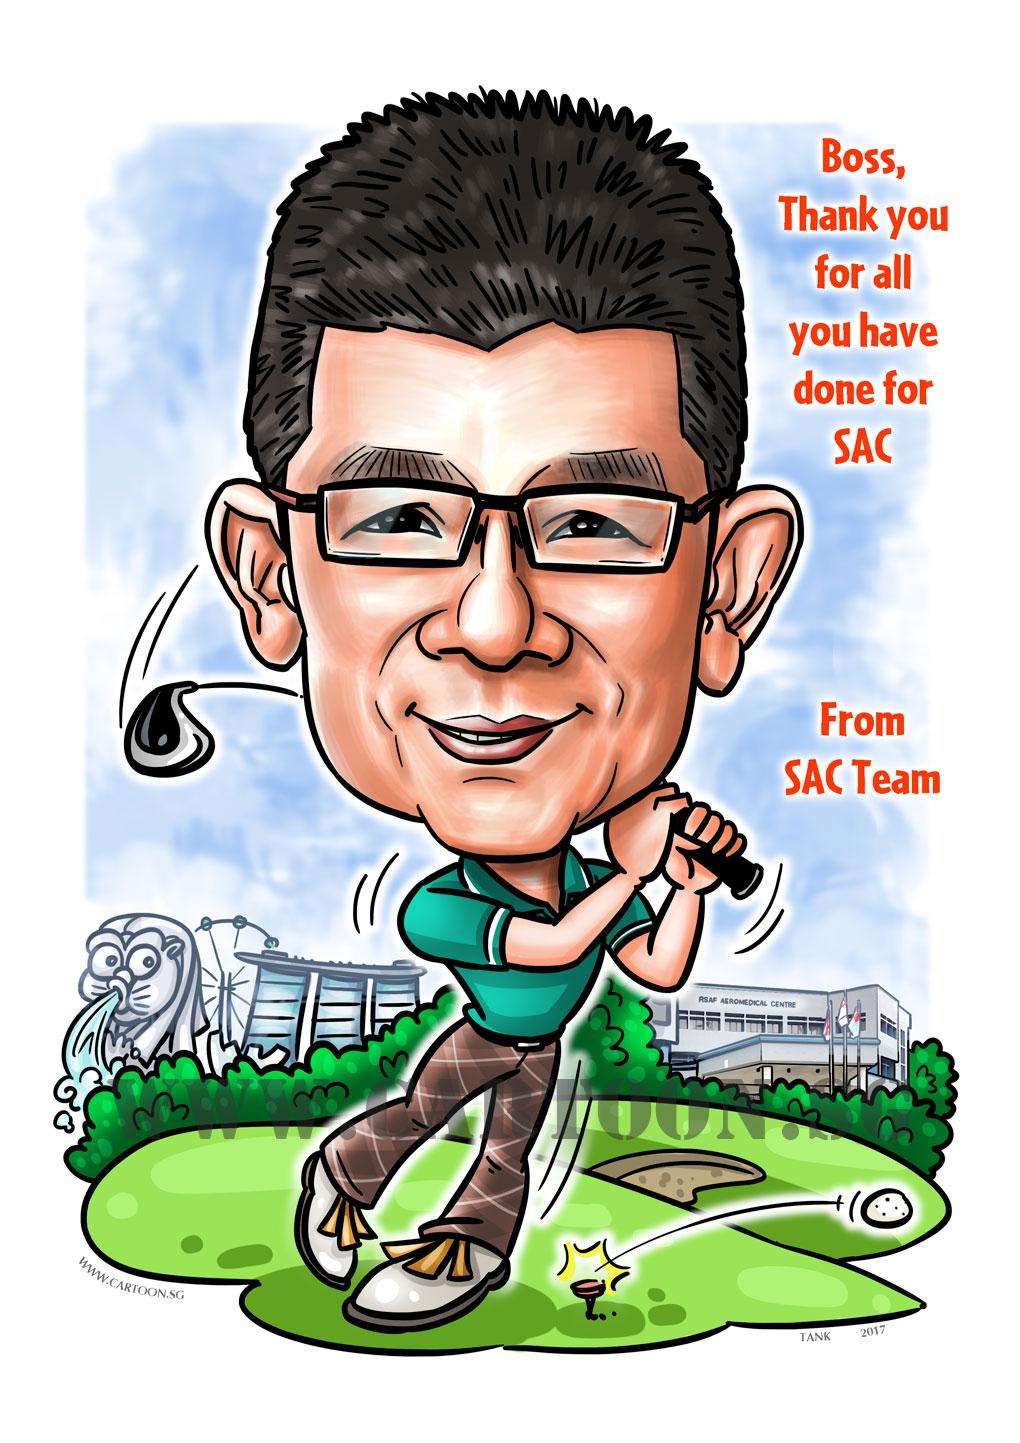 2017-07-12-Caricature-Singapore-digital-farewell-gift-golf-boss.jpg